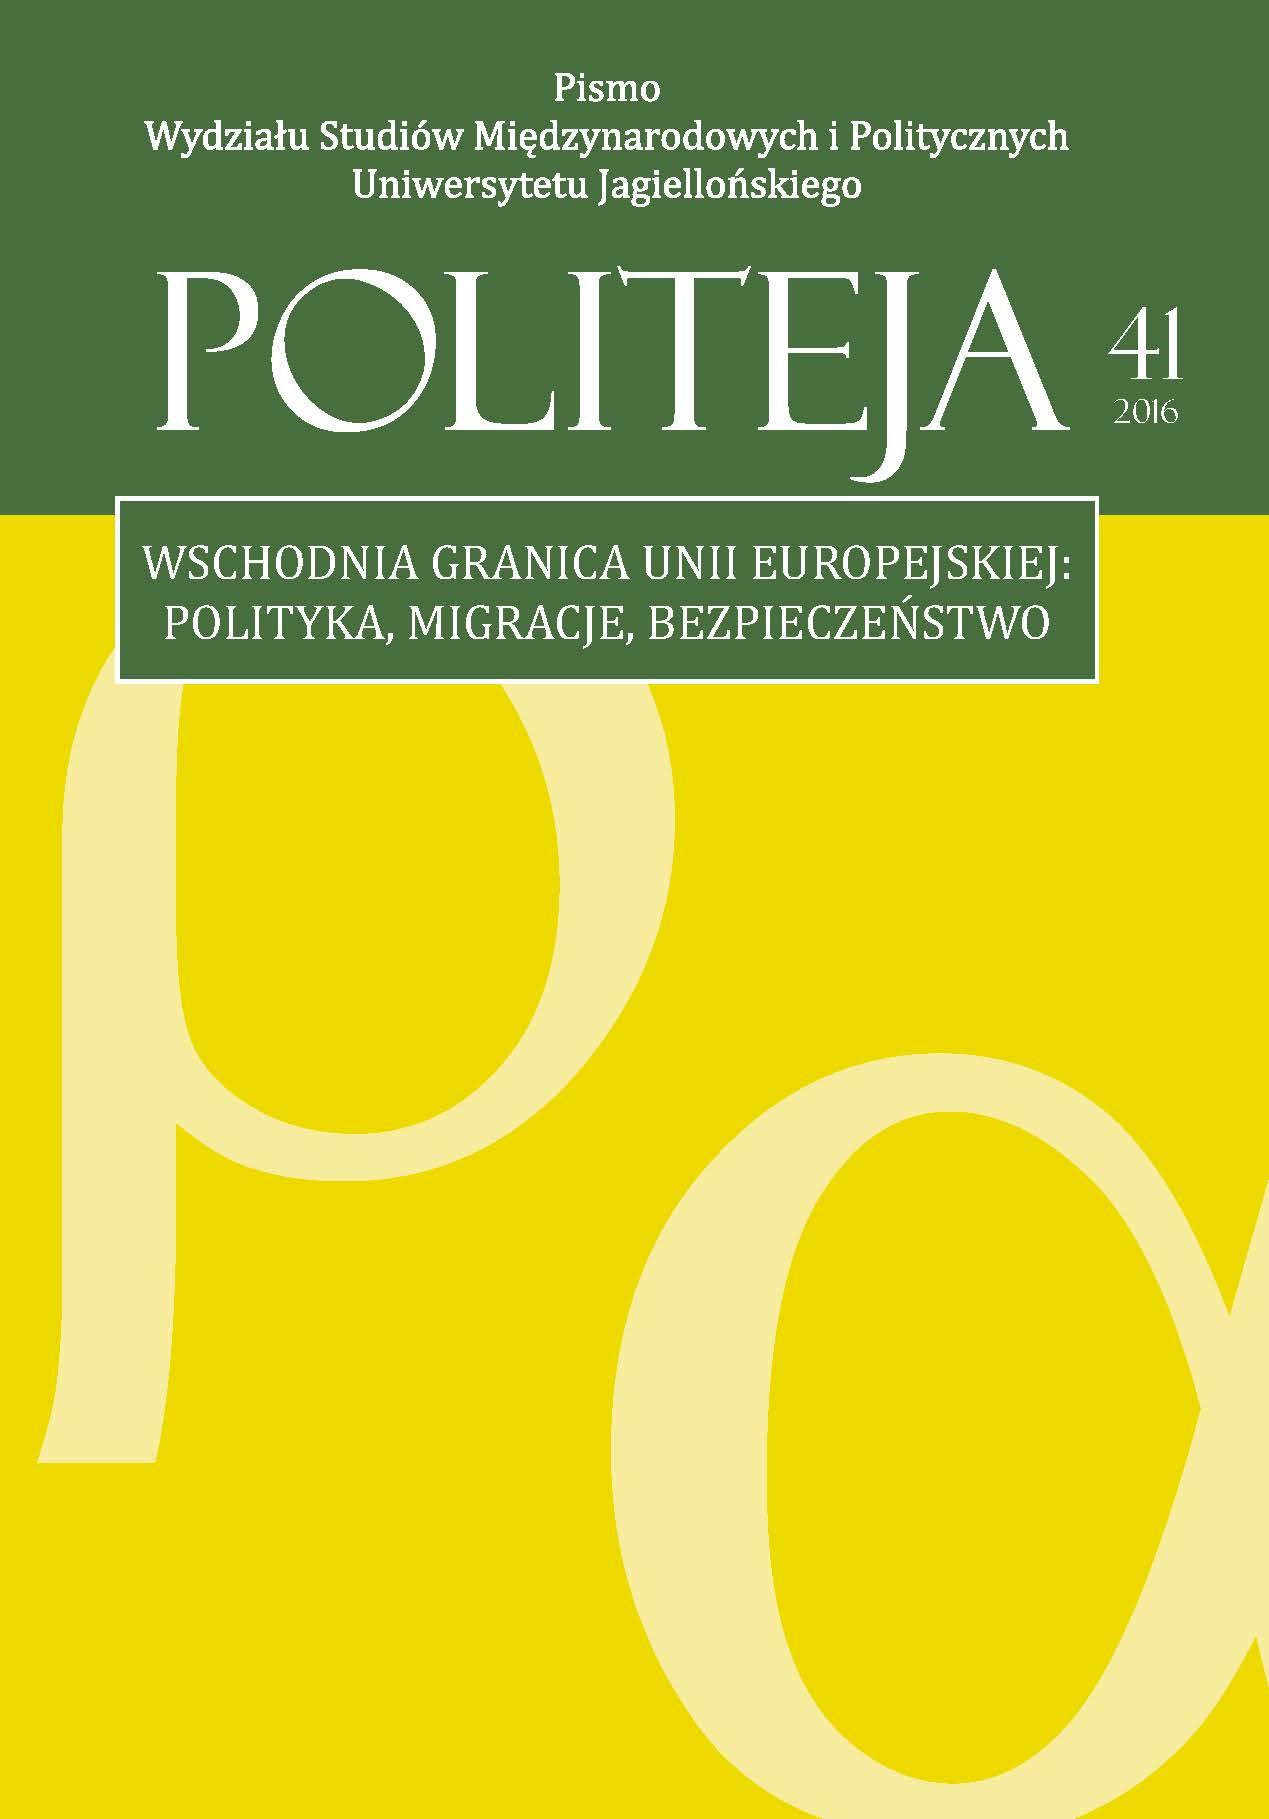 View Vol. 13 No. 2 (41) (2016): Wschodnia granica Unii Europejskiej: polityka, migracje, bezpieczeństwo